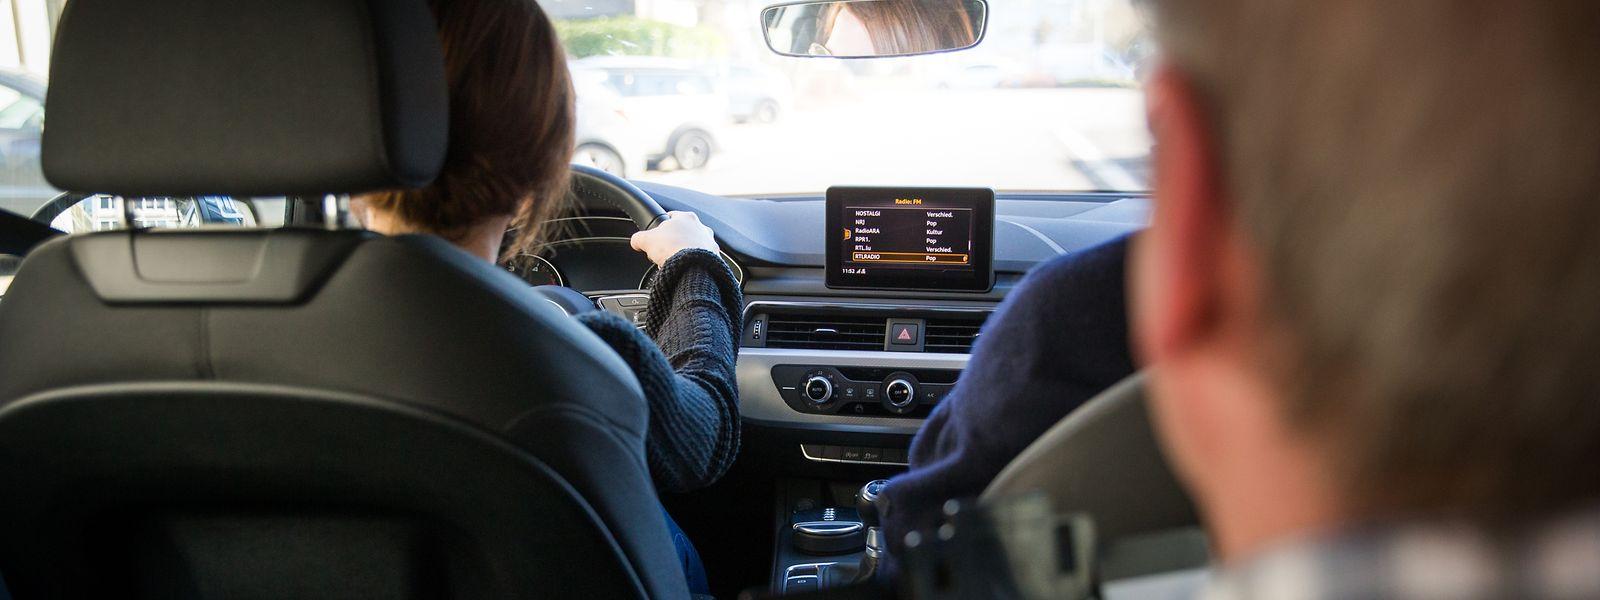 In der praktischen Fahrprüfung gibt es diverse K.O.-Kriterien. Der Examinator achtet aber nicht nur auf klassische Fehler, sondern auch auf das allgemeine Fahrverhalten des Kandidaten.